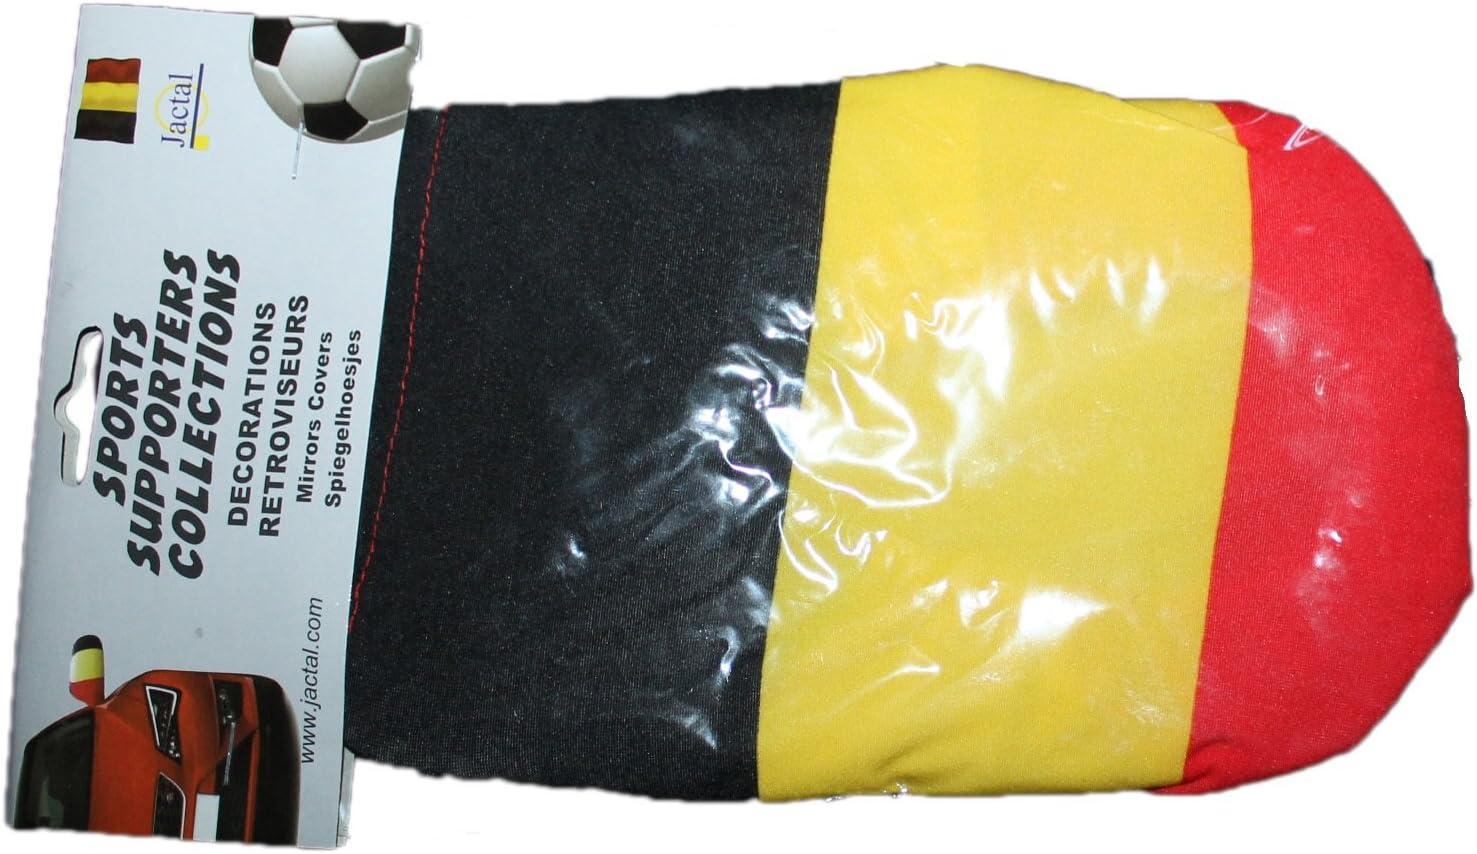 jactal-lot de 2 chaussuettes r/étroviseurs belgique-noir jaune rouge-mixte